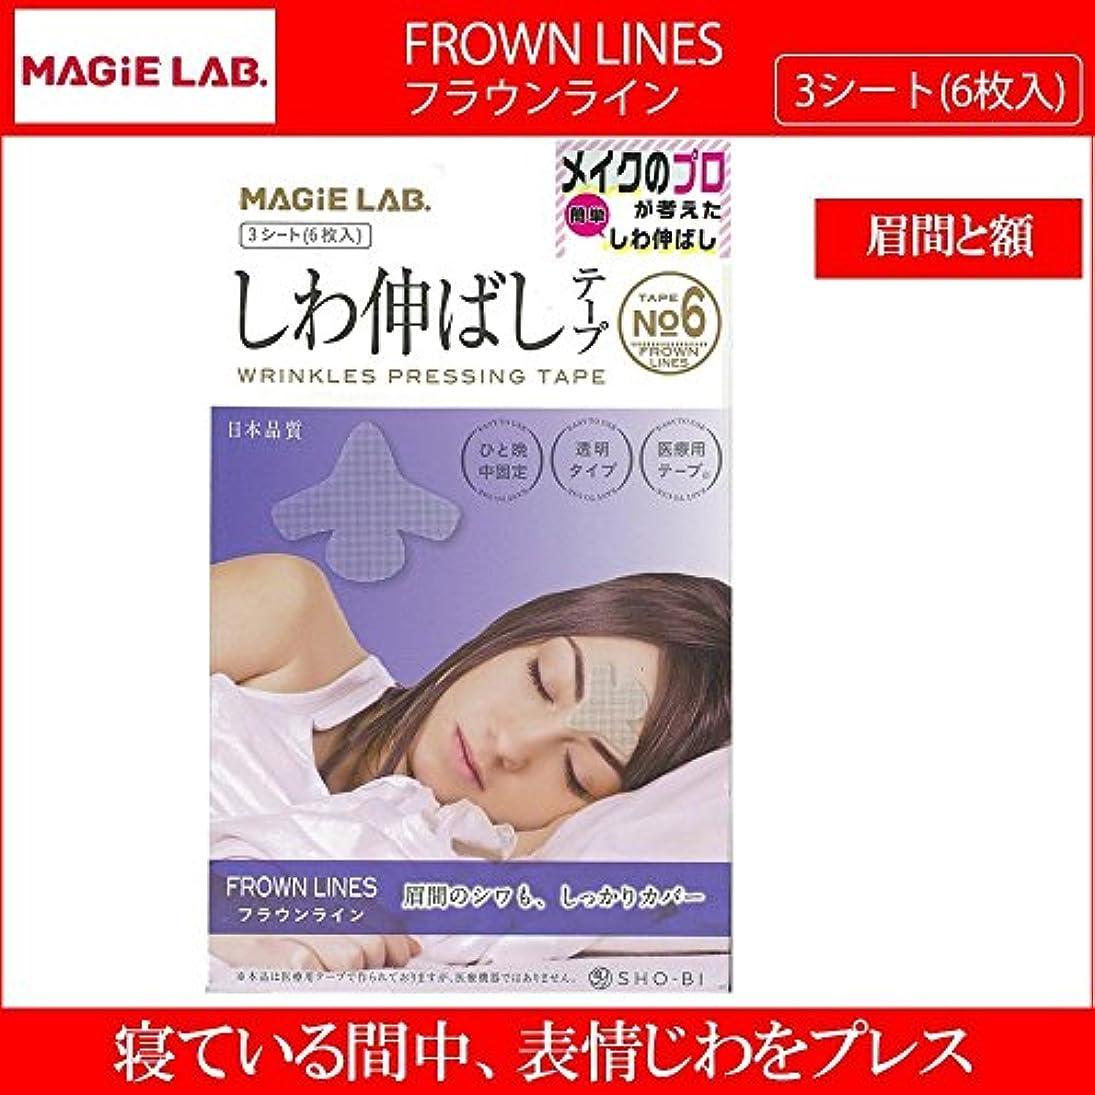 服試みラッドヤードキップリングMAGiE LAB.(マジラボ) しわ伸ばしテープ NO.6 FROWN LINES(フラウンライン) 3シート(6枚入) MG22150